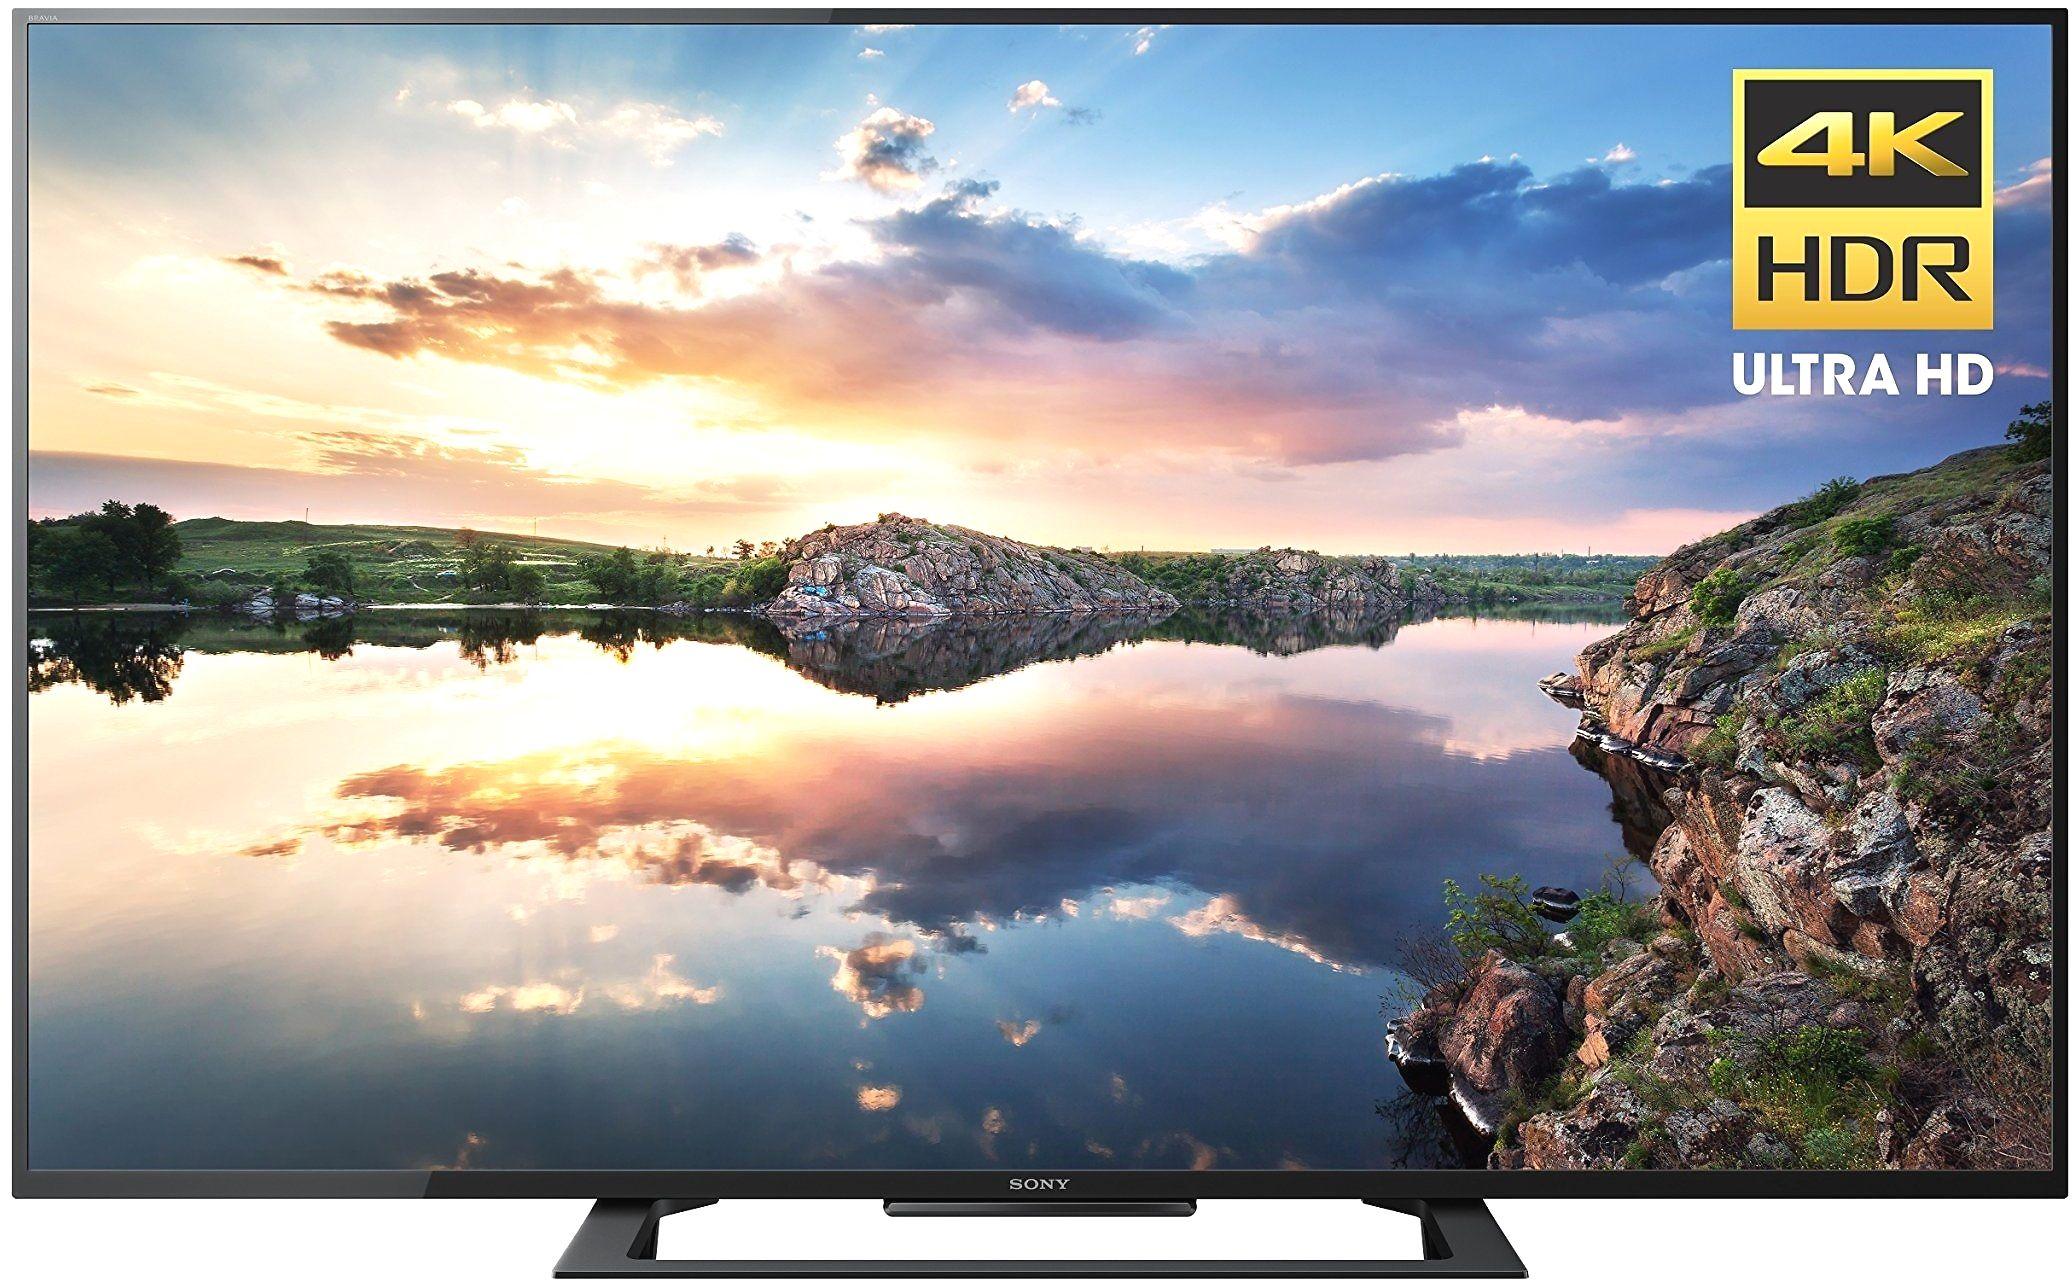 Sony KD60X690E 60Inch 4K Ultra HD Smart LED TV 2017 Model